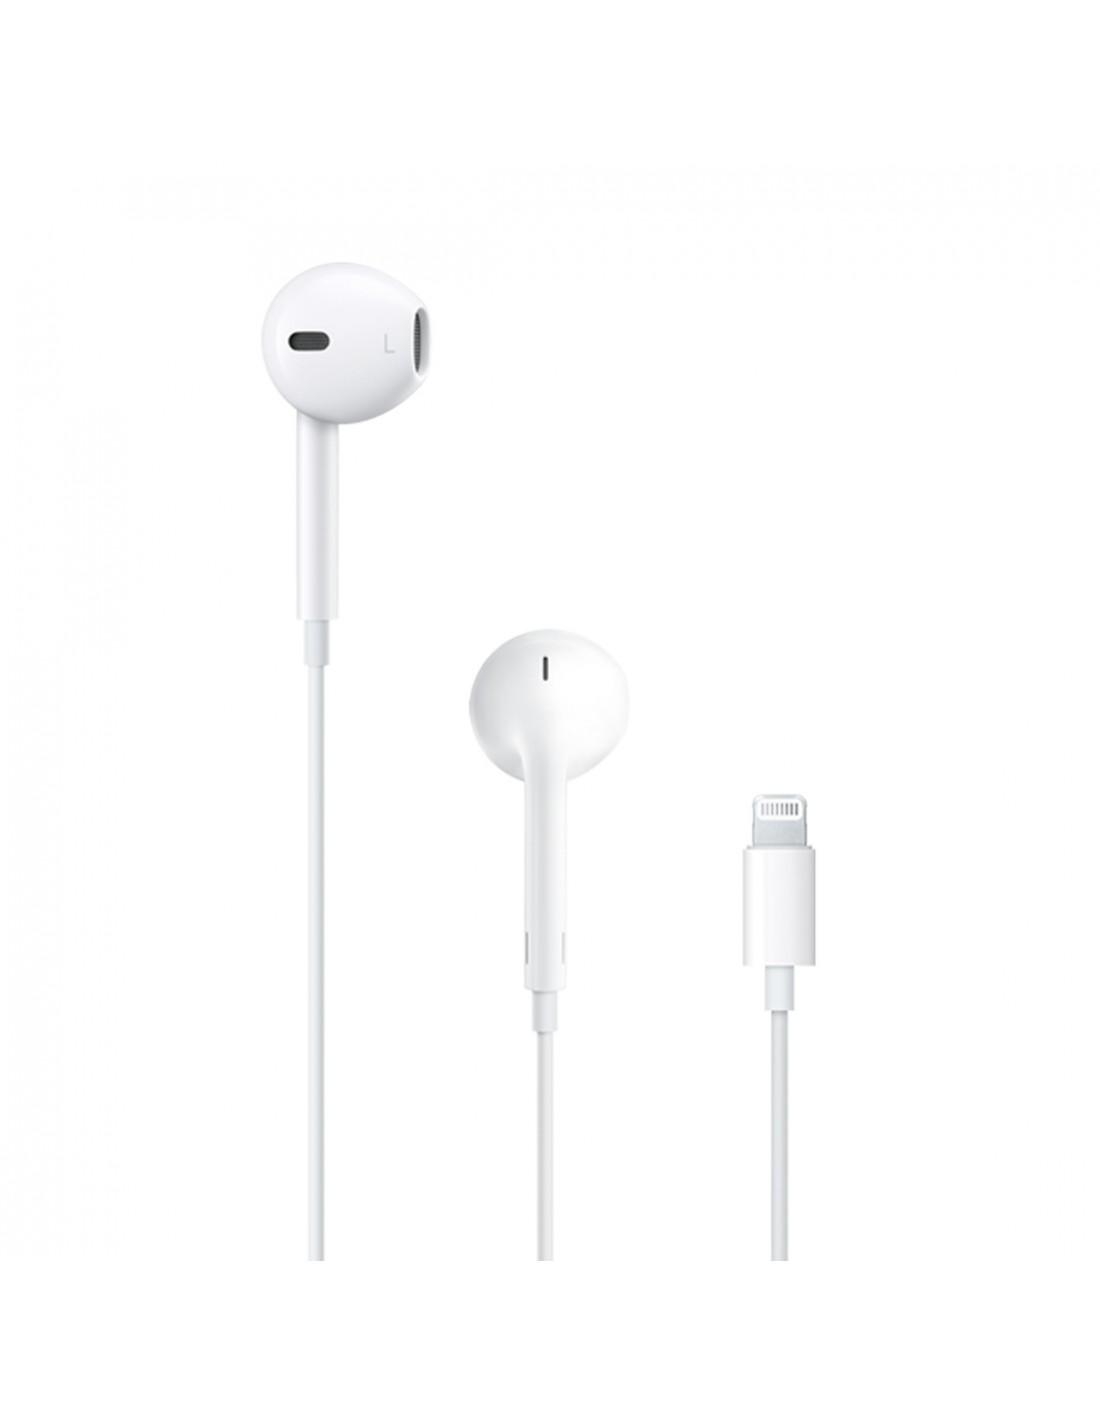 Ecouteurs Apple EarPods avec connecteur Lightning clicksoulution.tn